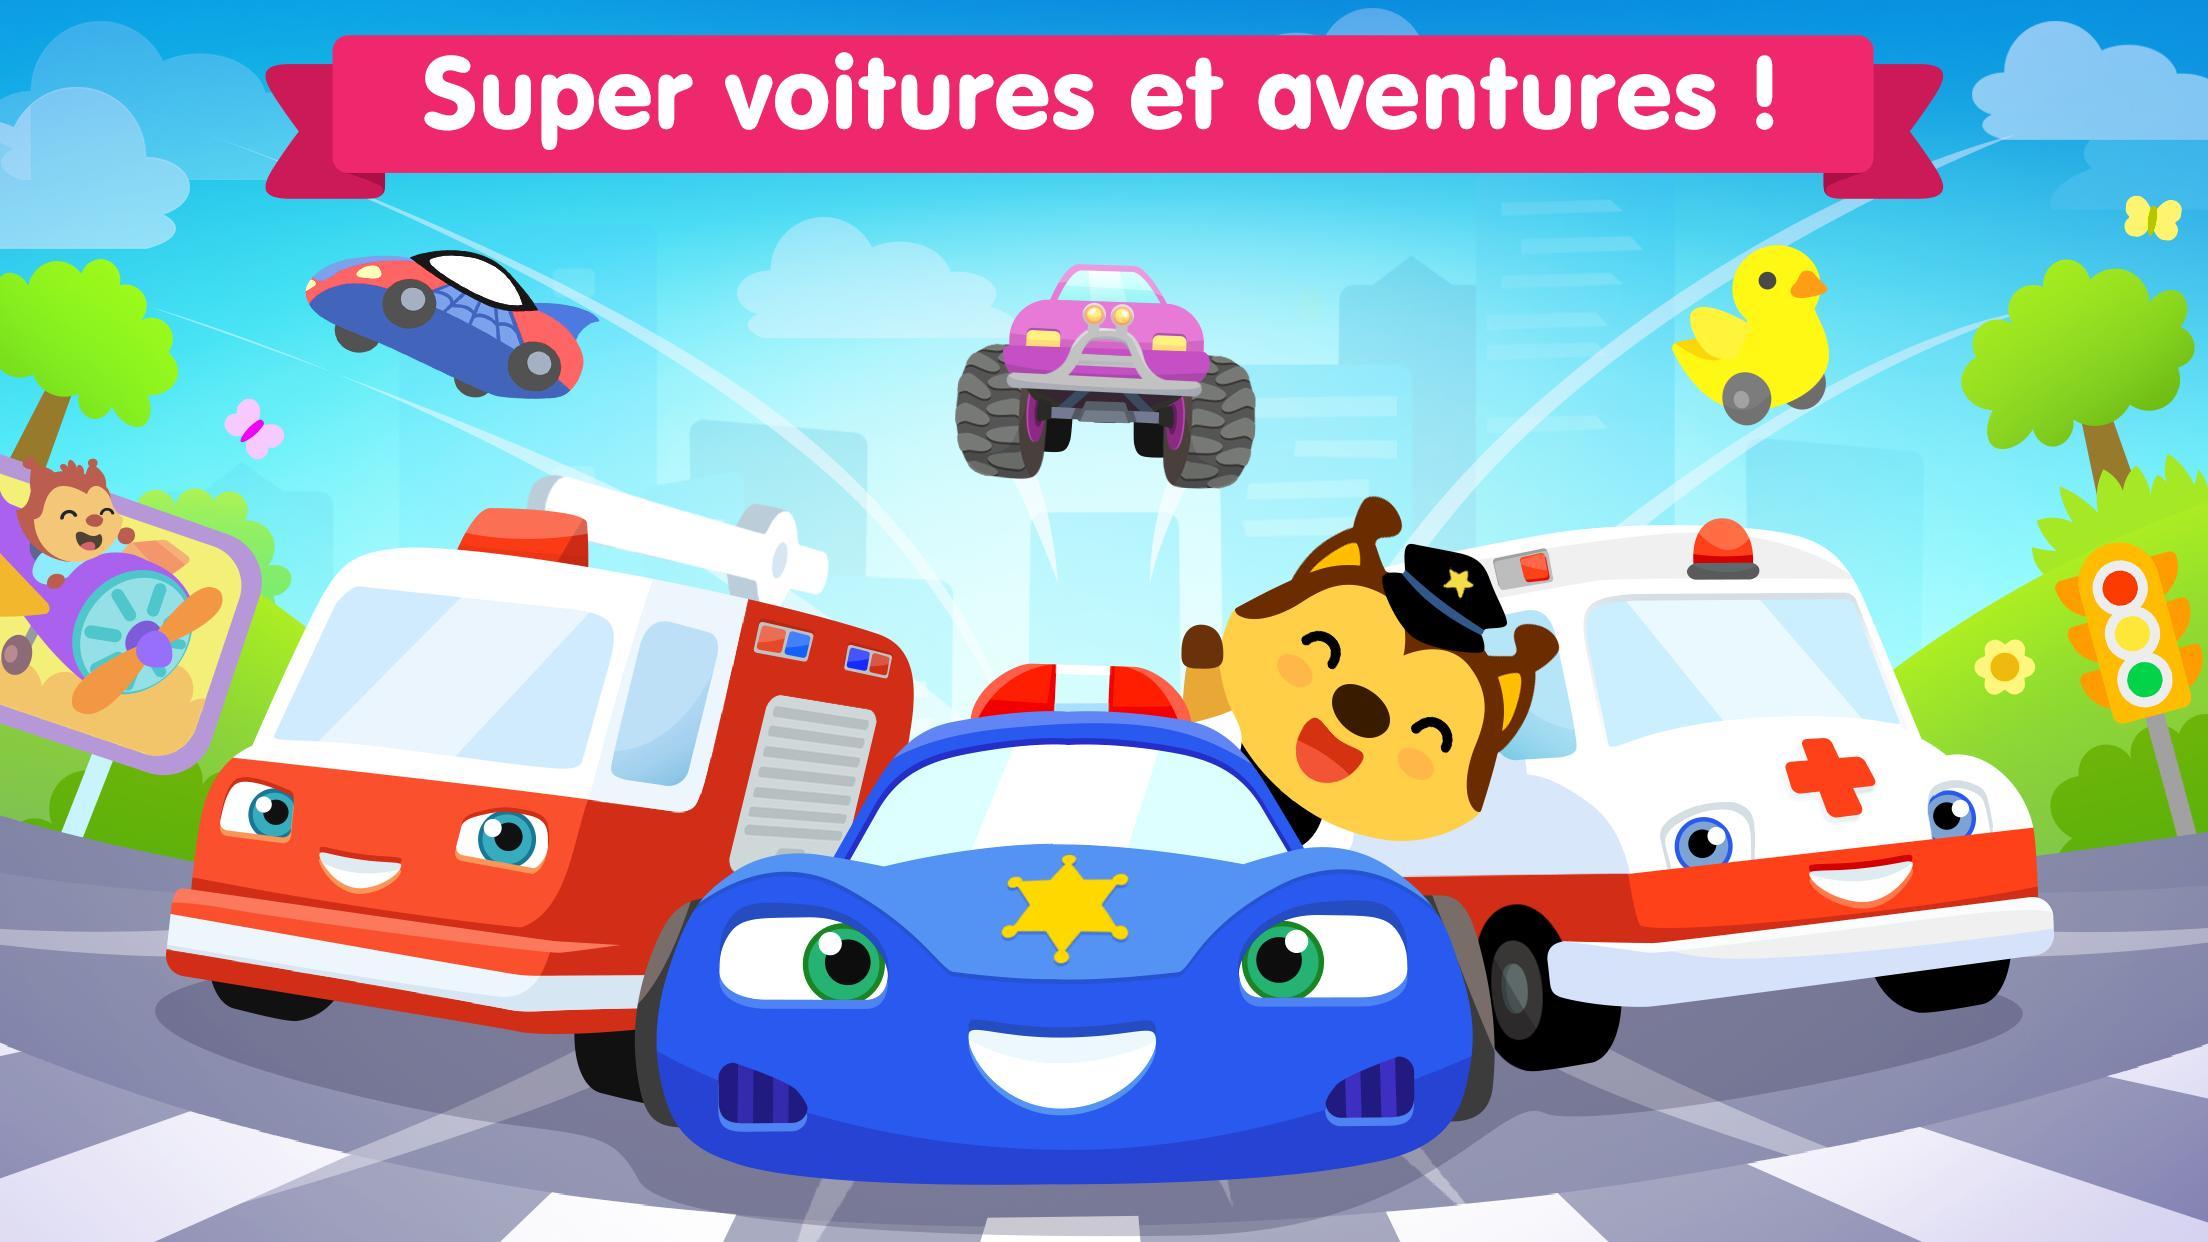 Jeux De Voiture Pour Les Bébés Et Enfants 4 Ans Pour Android encequiconcerne Jeux De Voiture Pour Bébé